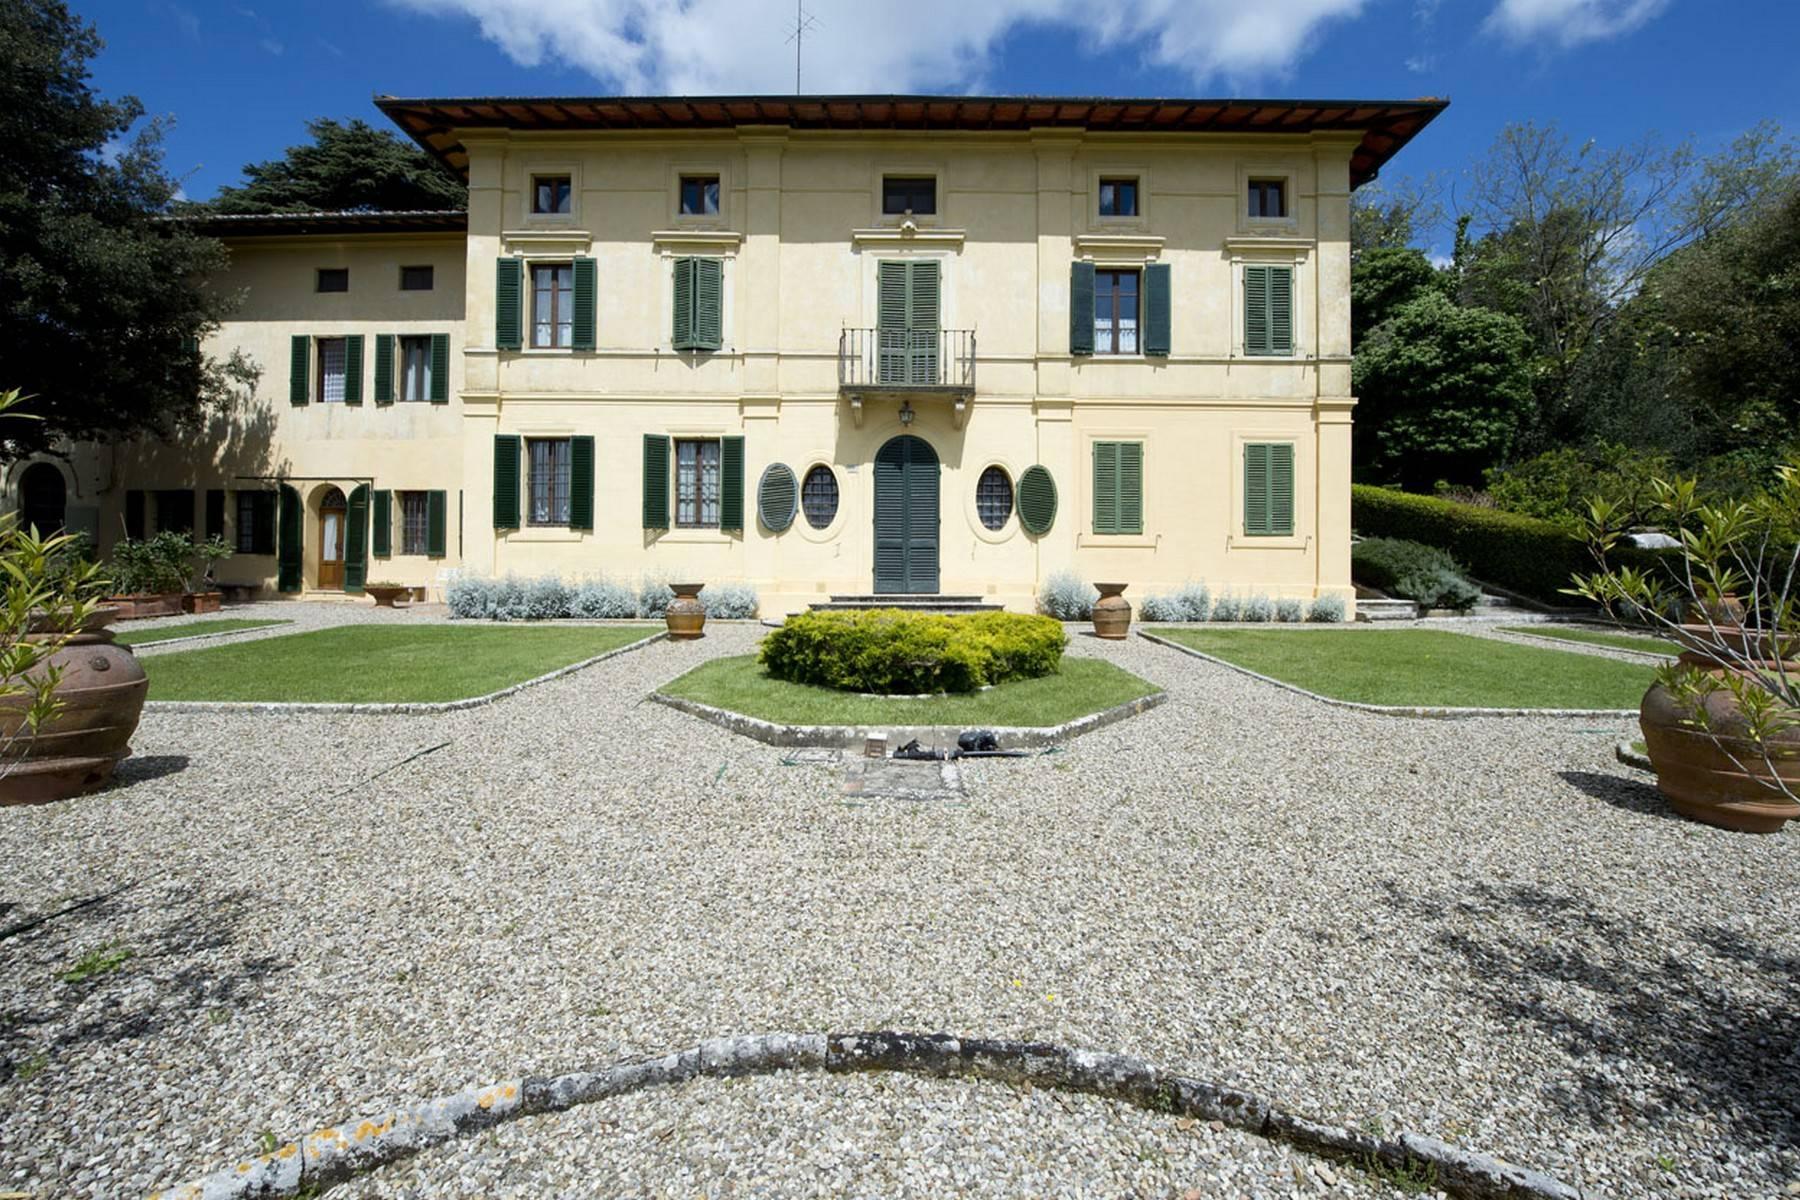 Villa aristocratique à vendre sur les collines de Sienne - 1